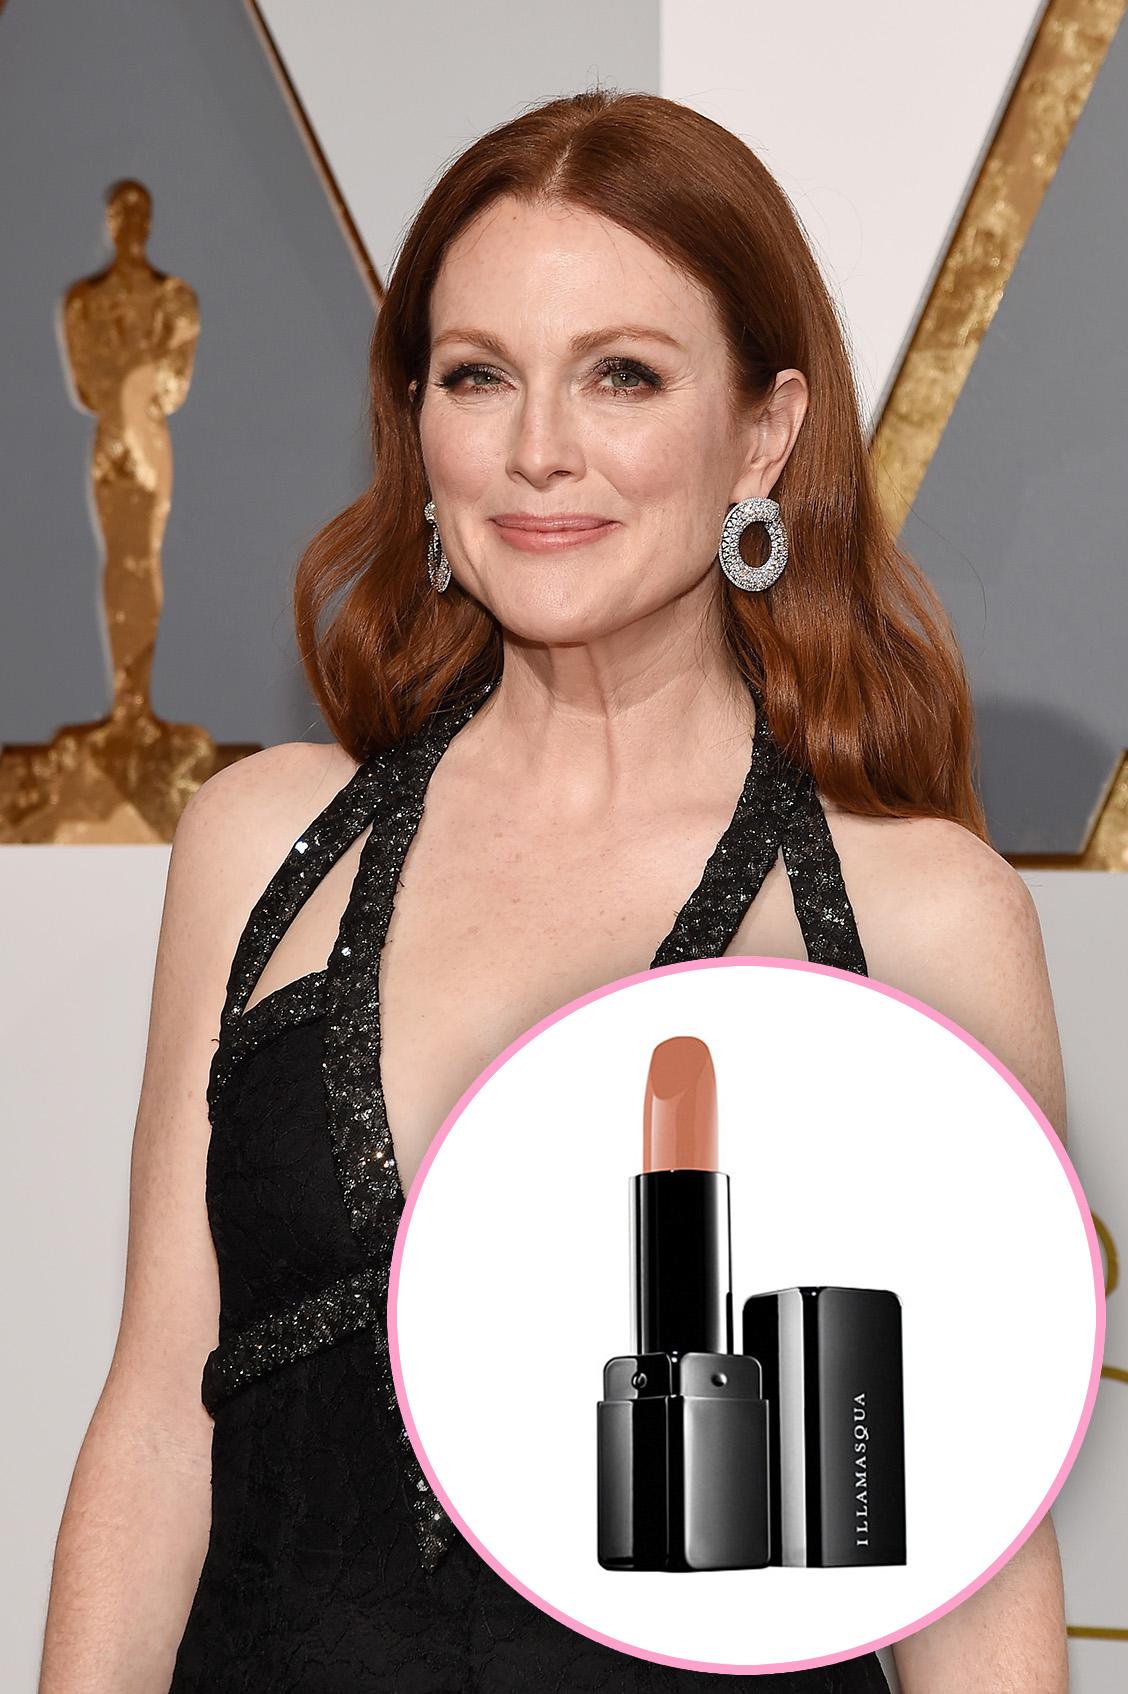 Oscars 2016 beauty